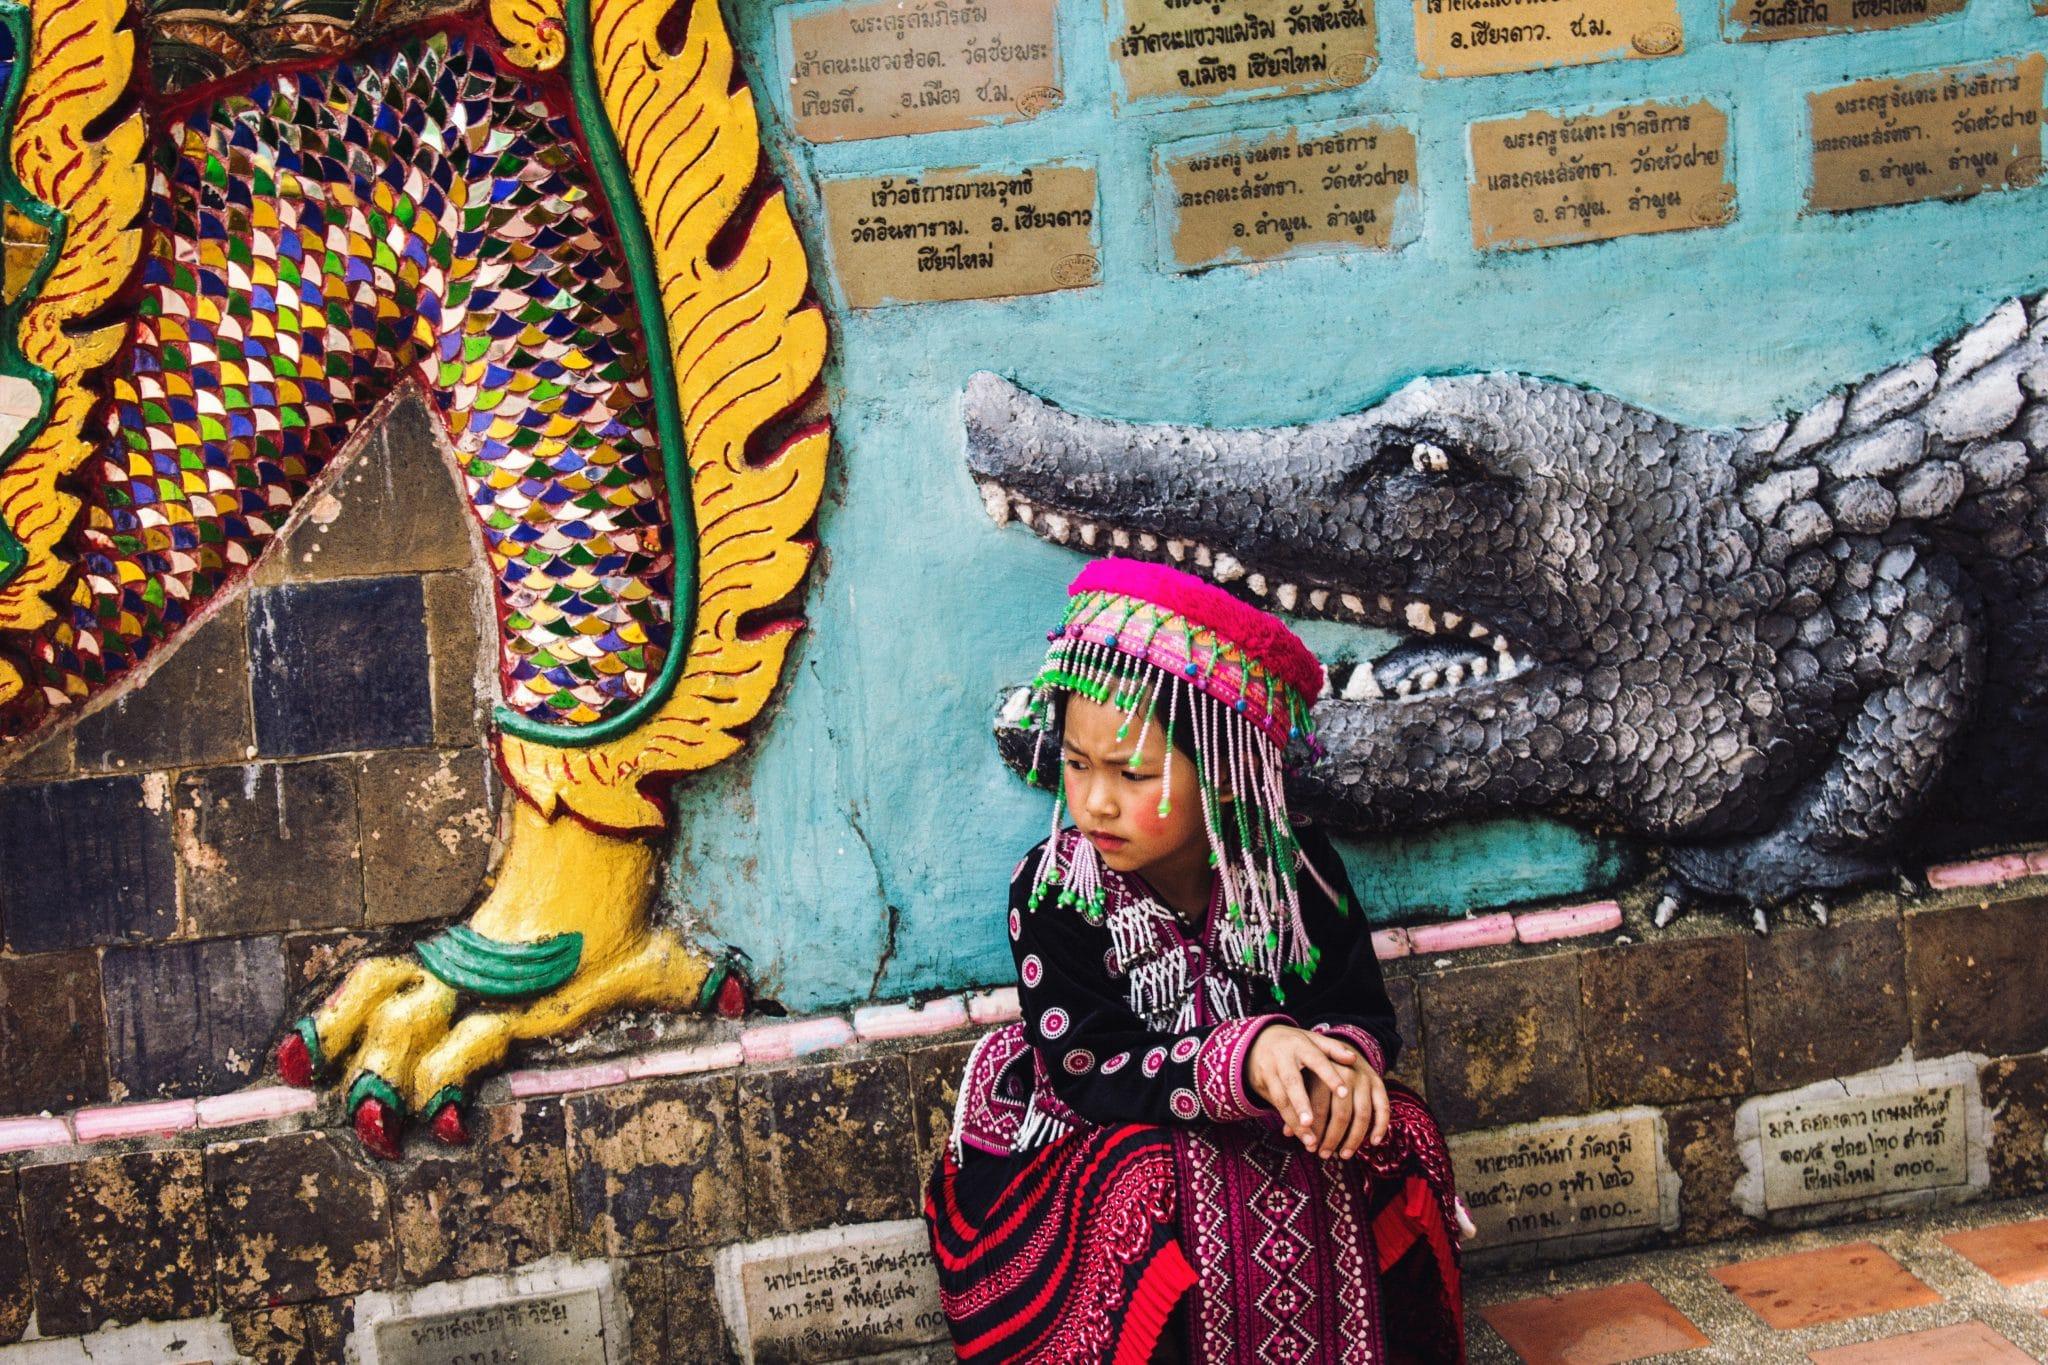 Budjettimatka - Kuukausi kierrellen Thaimaata